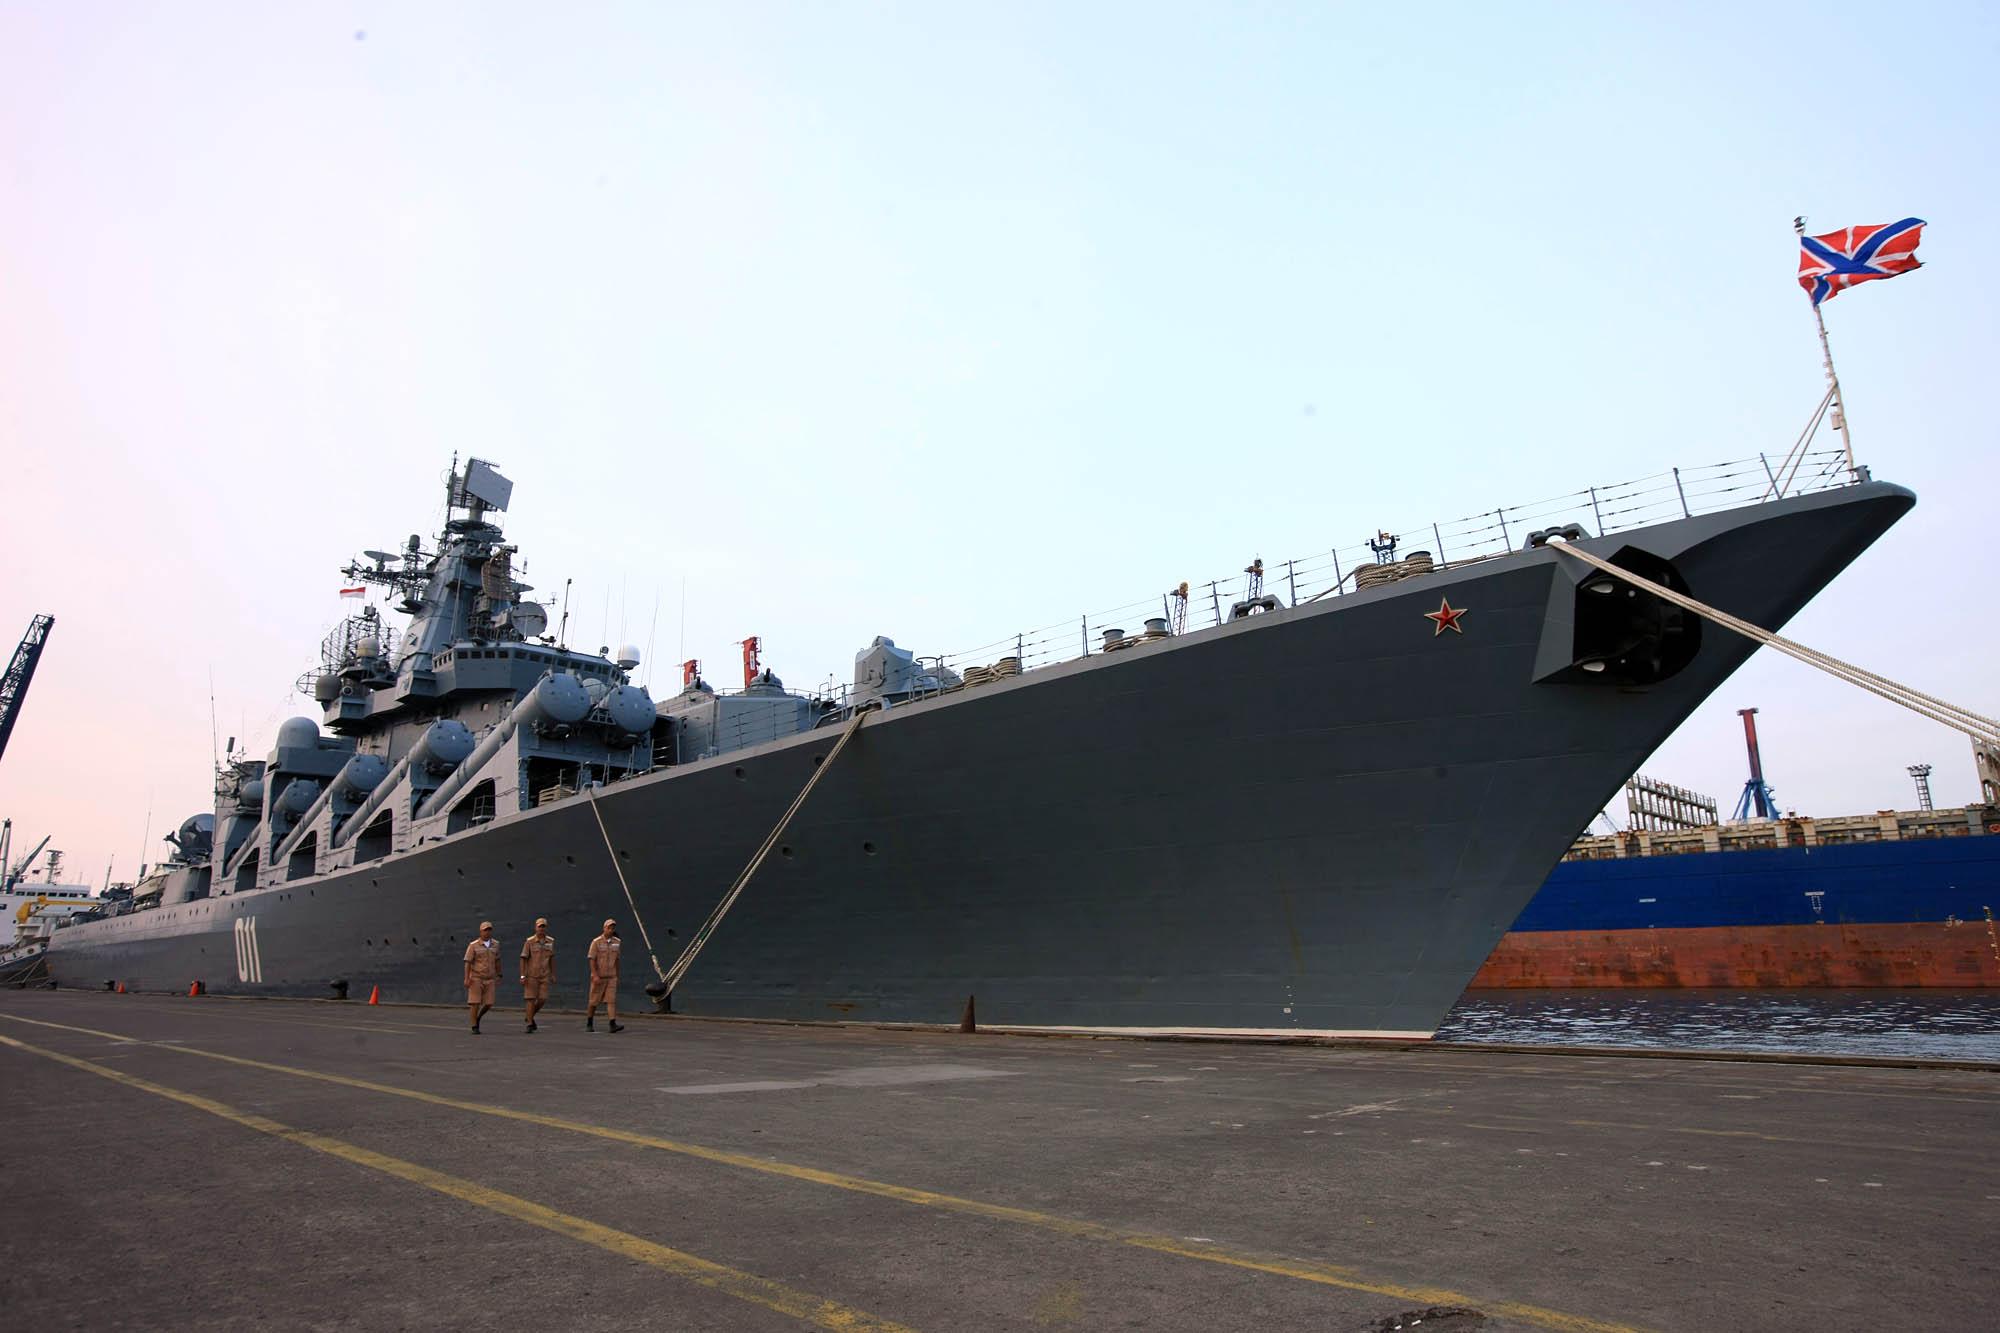 Penuhi Undangan TNI-AL, Kapal Jelajah 'Varyag' Singgah di Jakarta